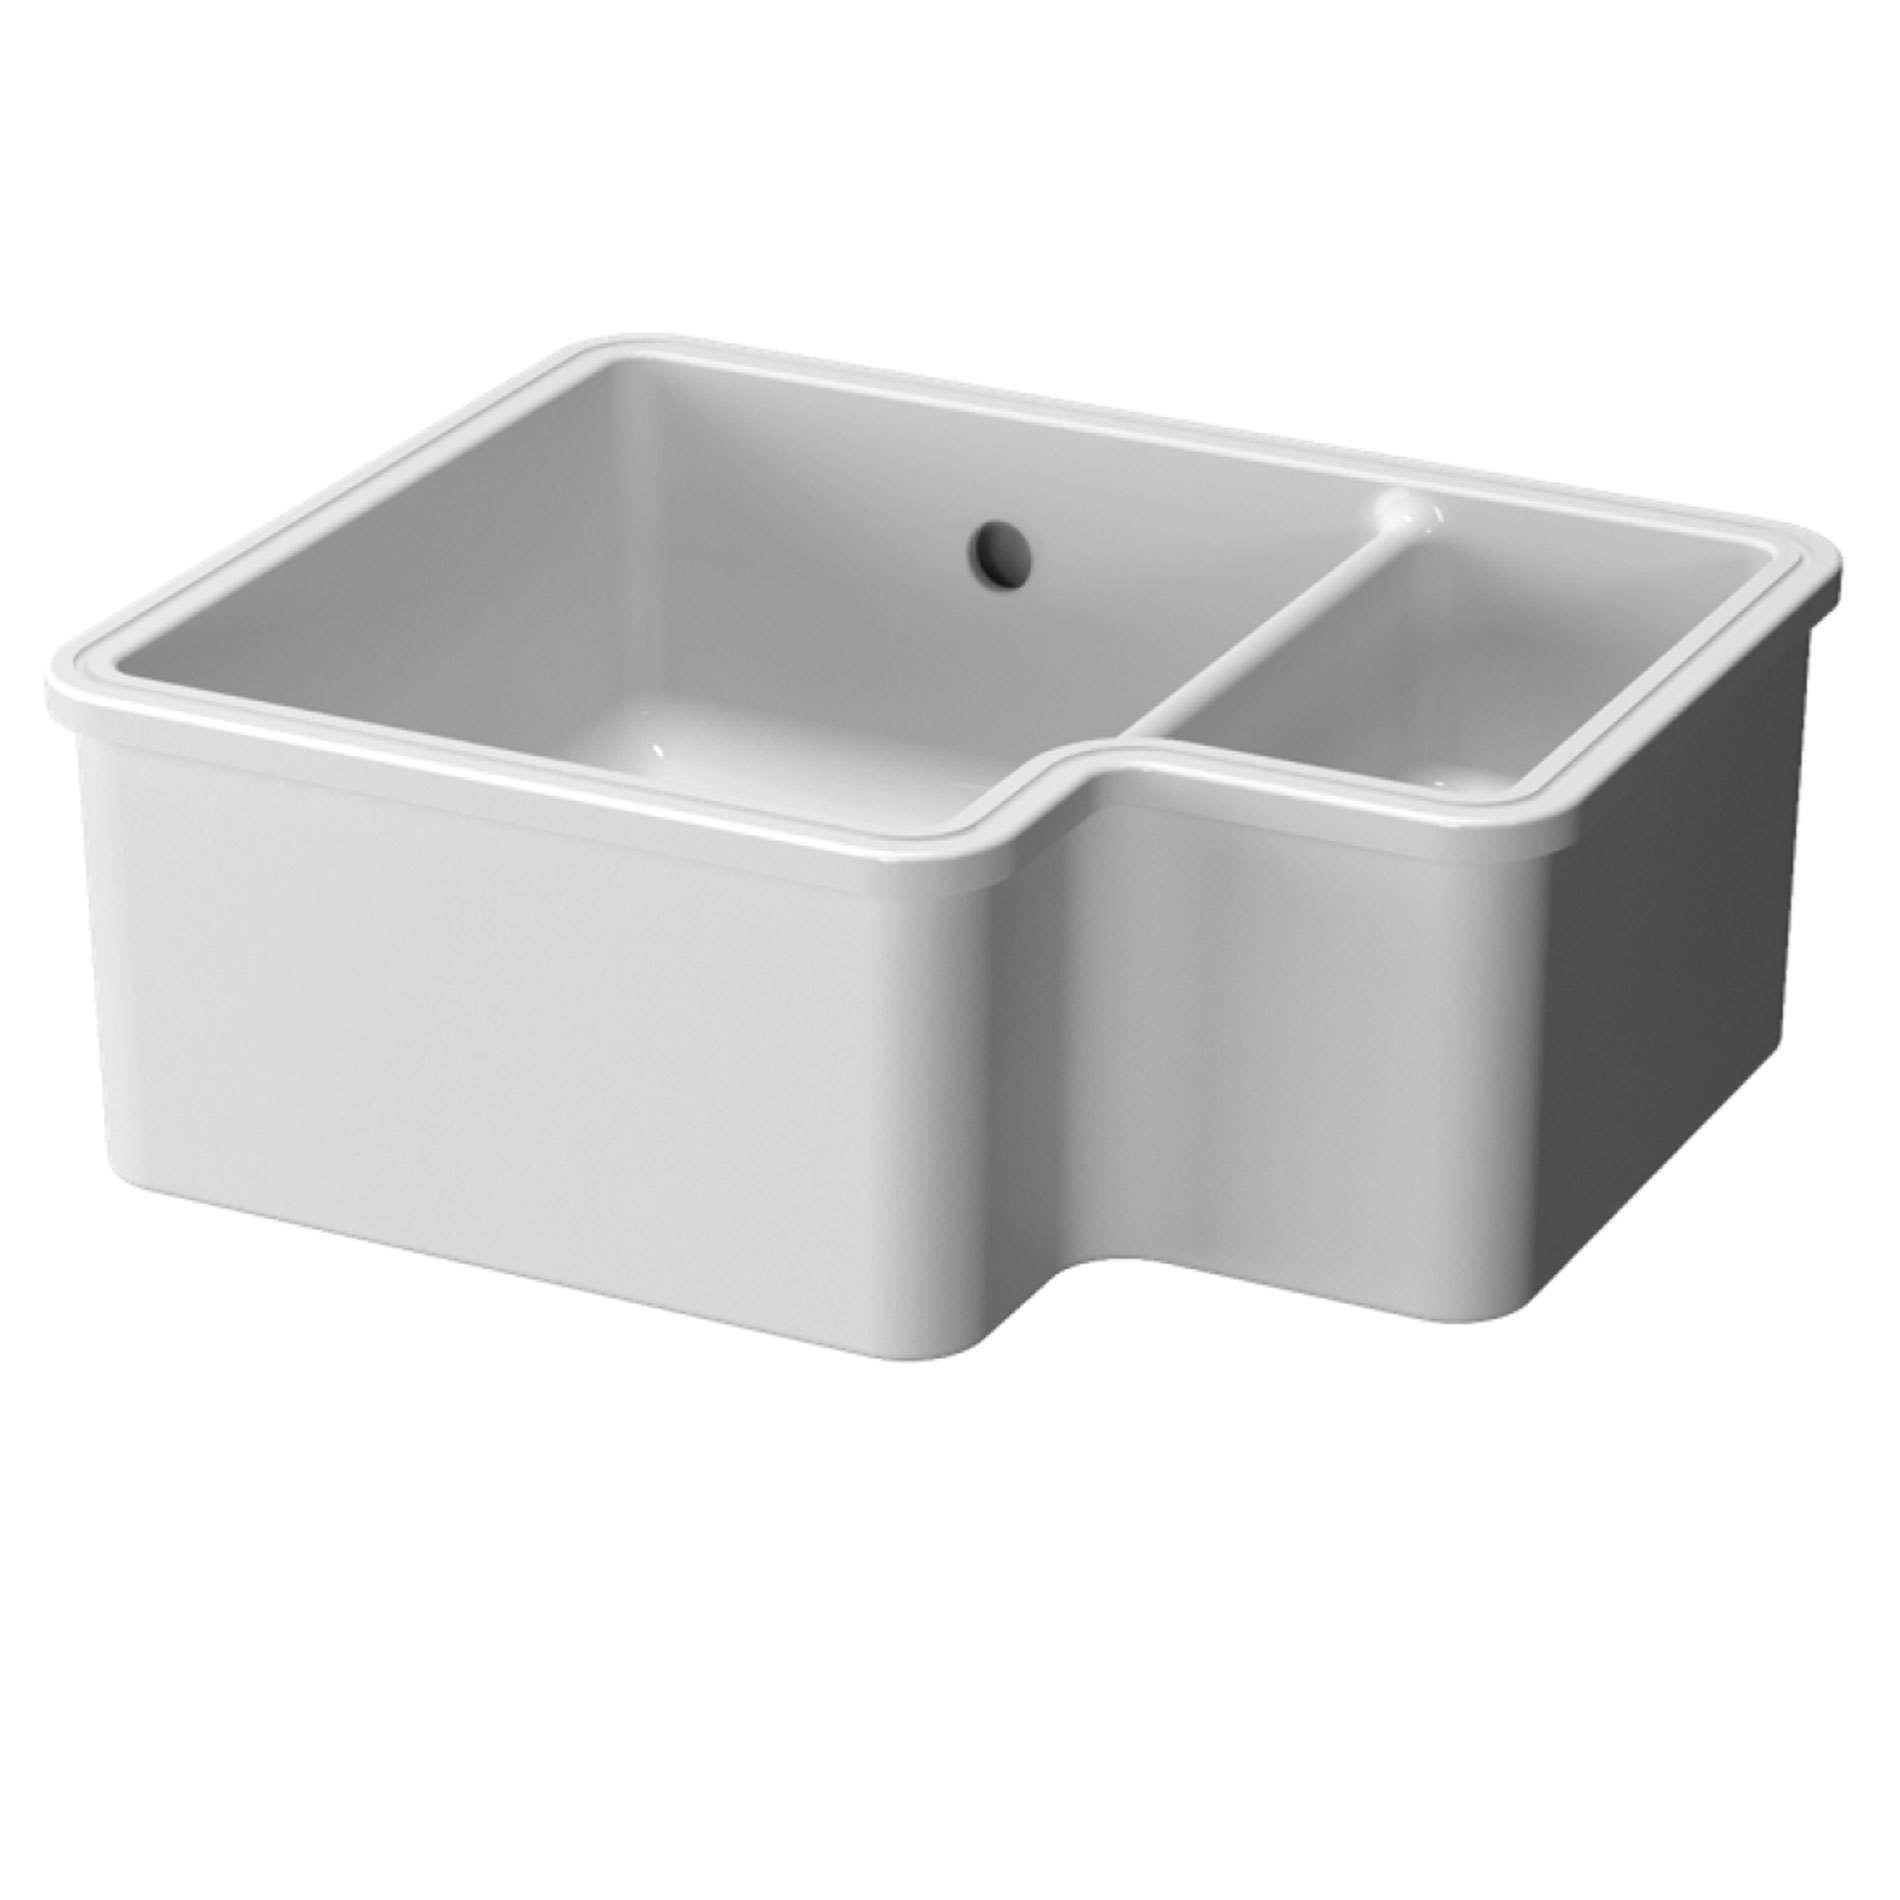 Caple: Ettra 150 Ceramic Sink - Kitchen Sinks & Taps